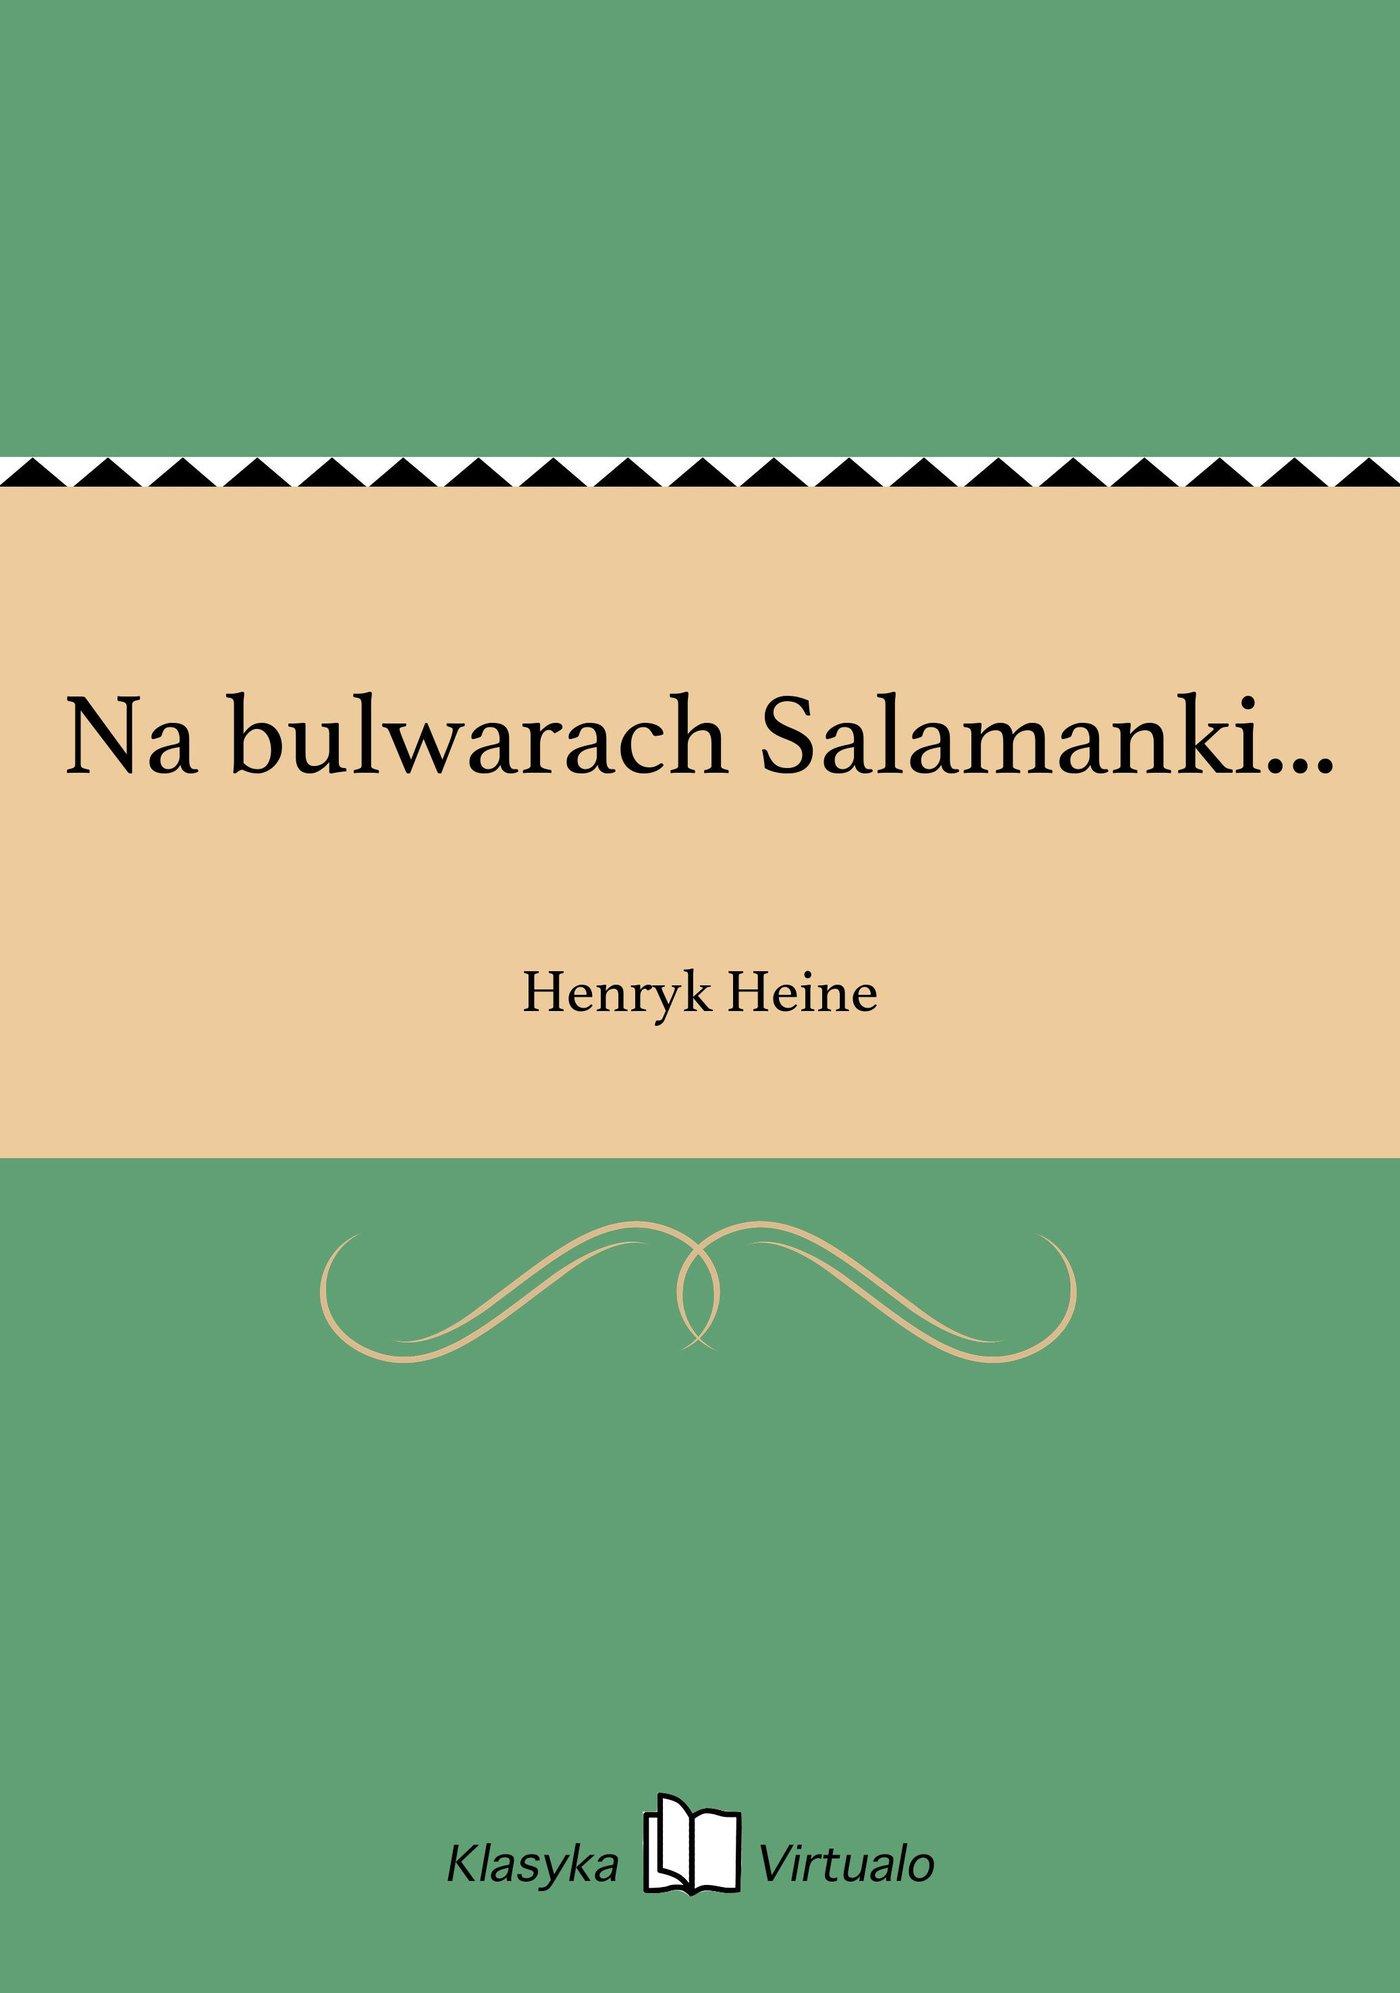 Na bulwarach Salamanki... - Ebook (Książka EPUB) do pobrania w formacie EPUB